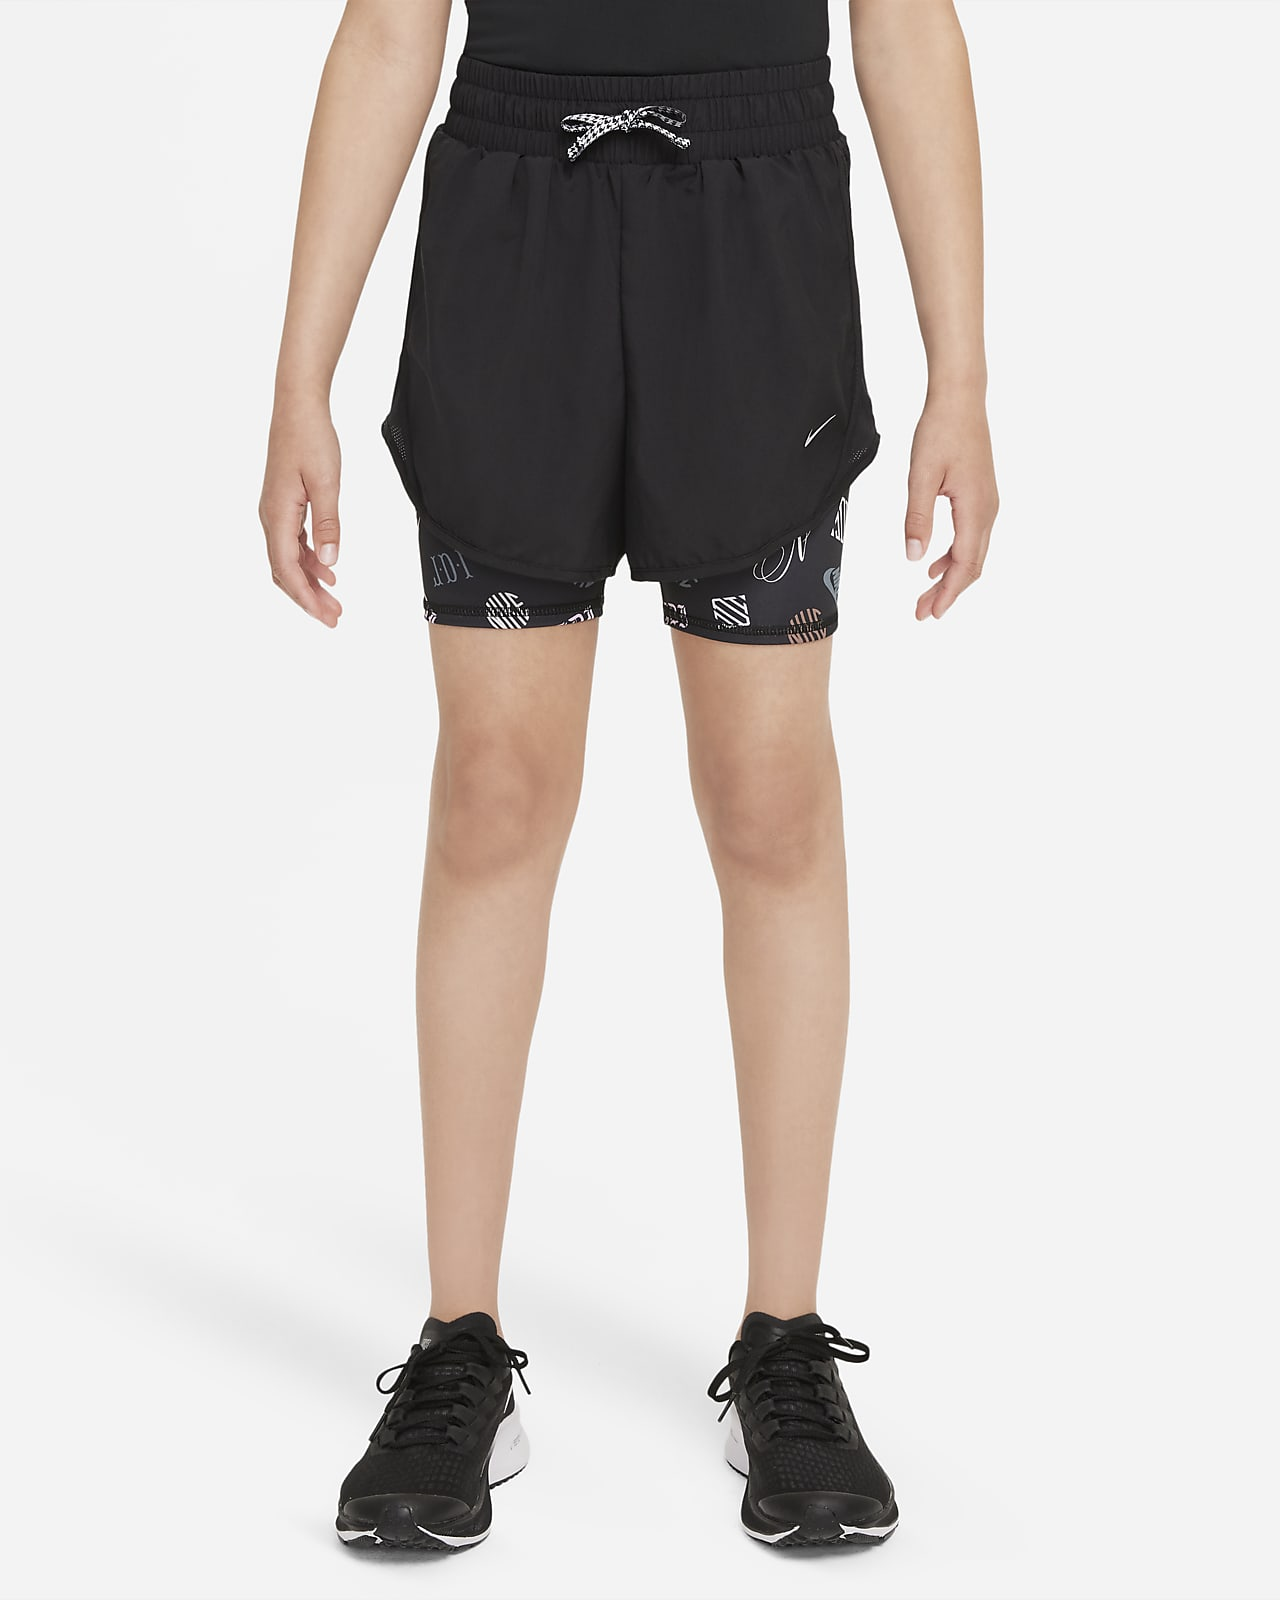 กางเกงวิ่งขาสั้นเด็กโต Nike Dri-FIT Tempo (หญิง)